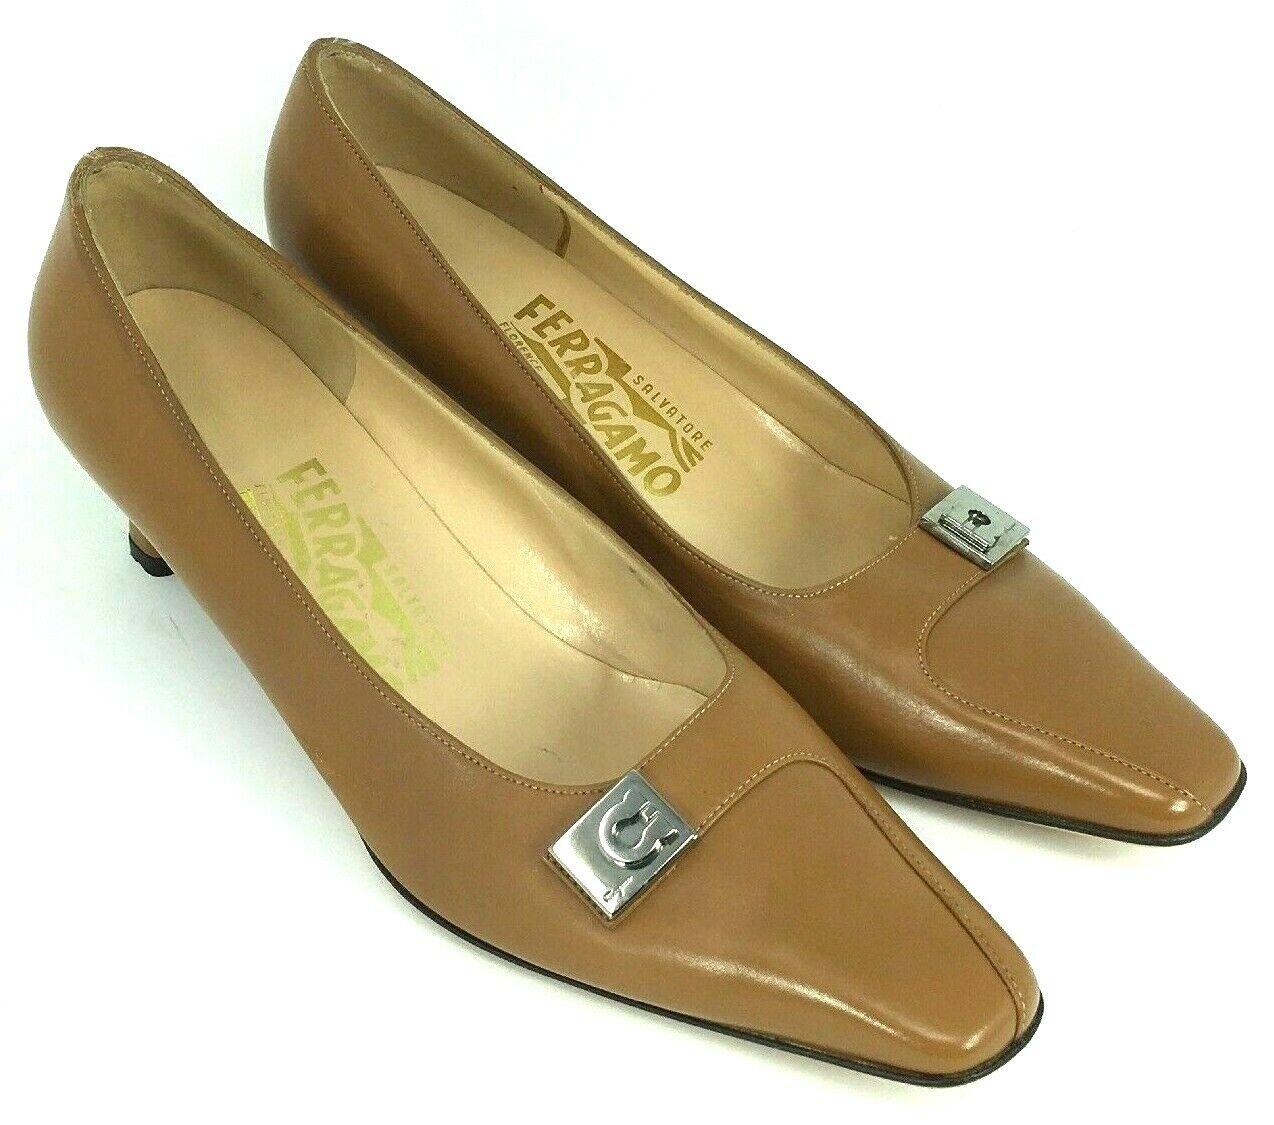 Salvatore  Ferragamo Dimensione femminile 6.5 Marronee Tan Kitten Heel scarpe Pump Italia  basso prezzo del 40%